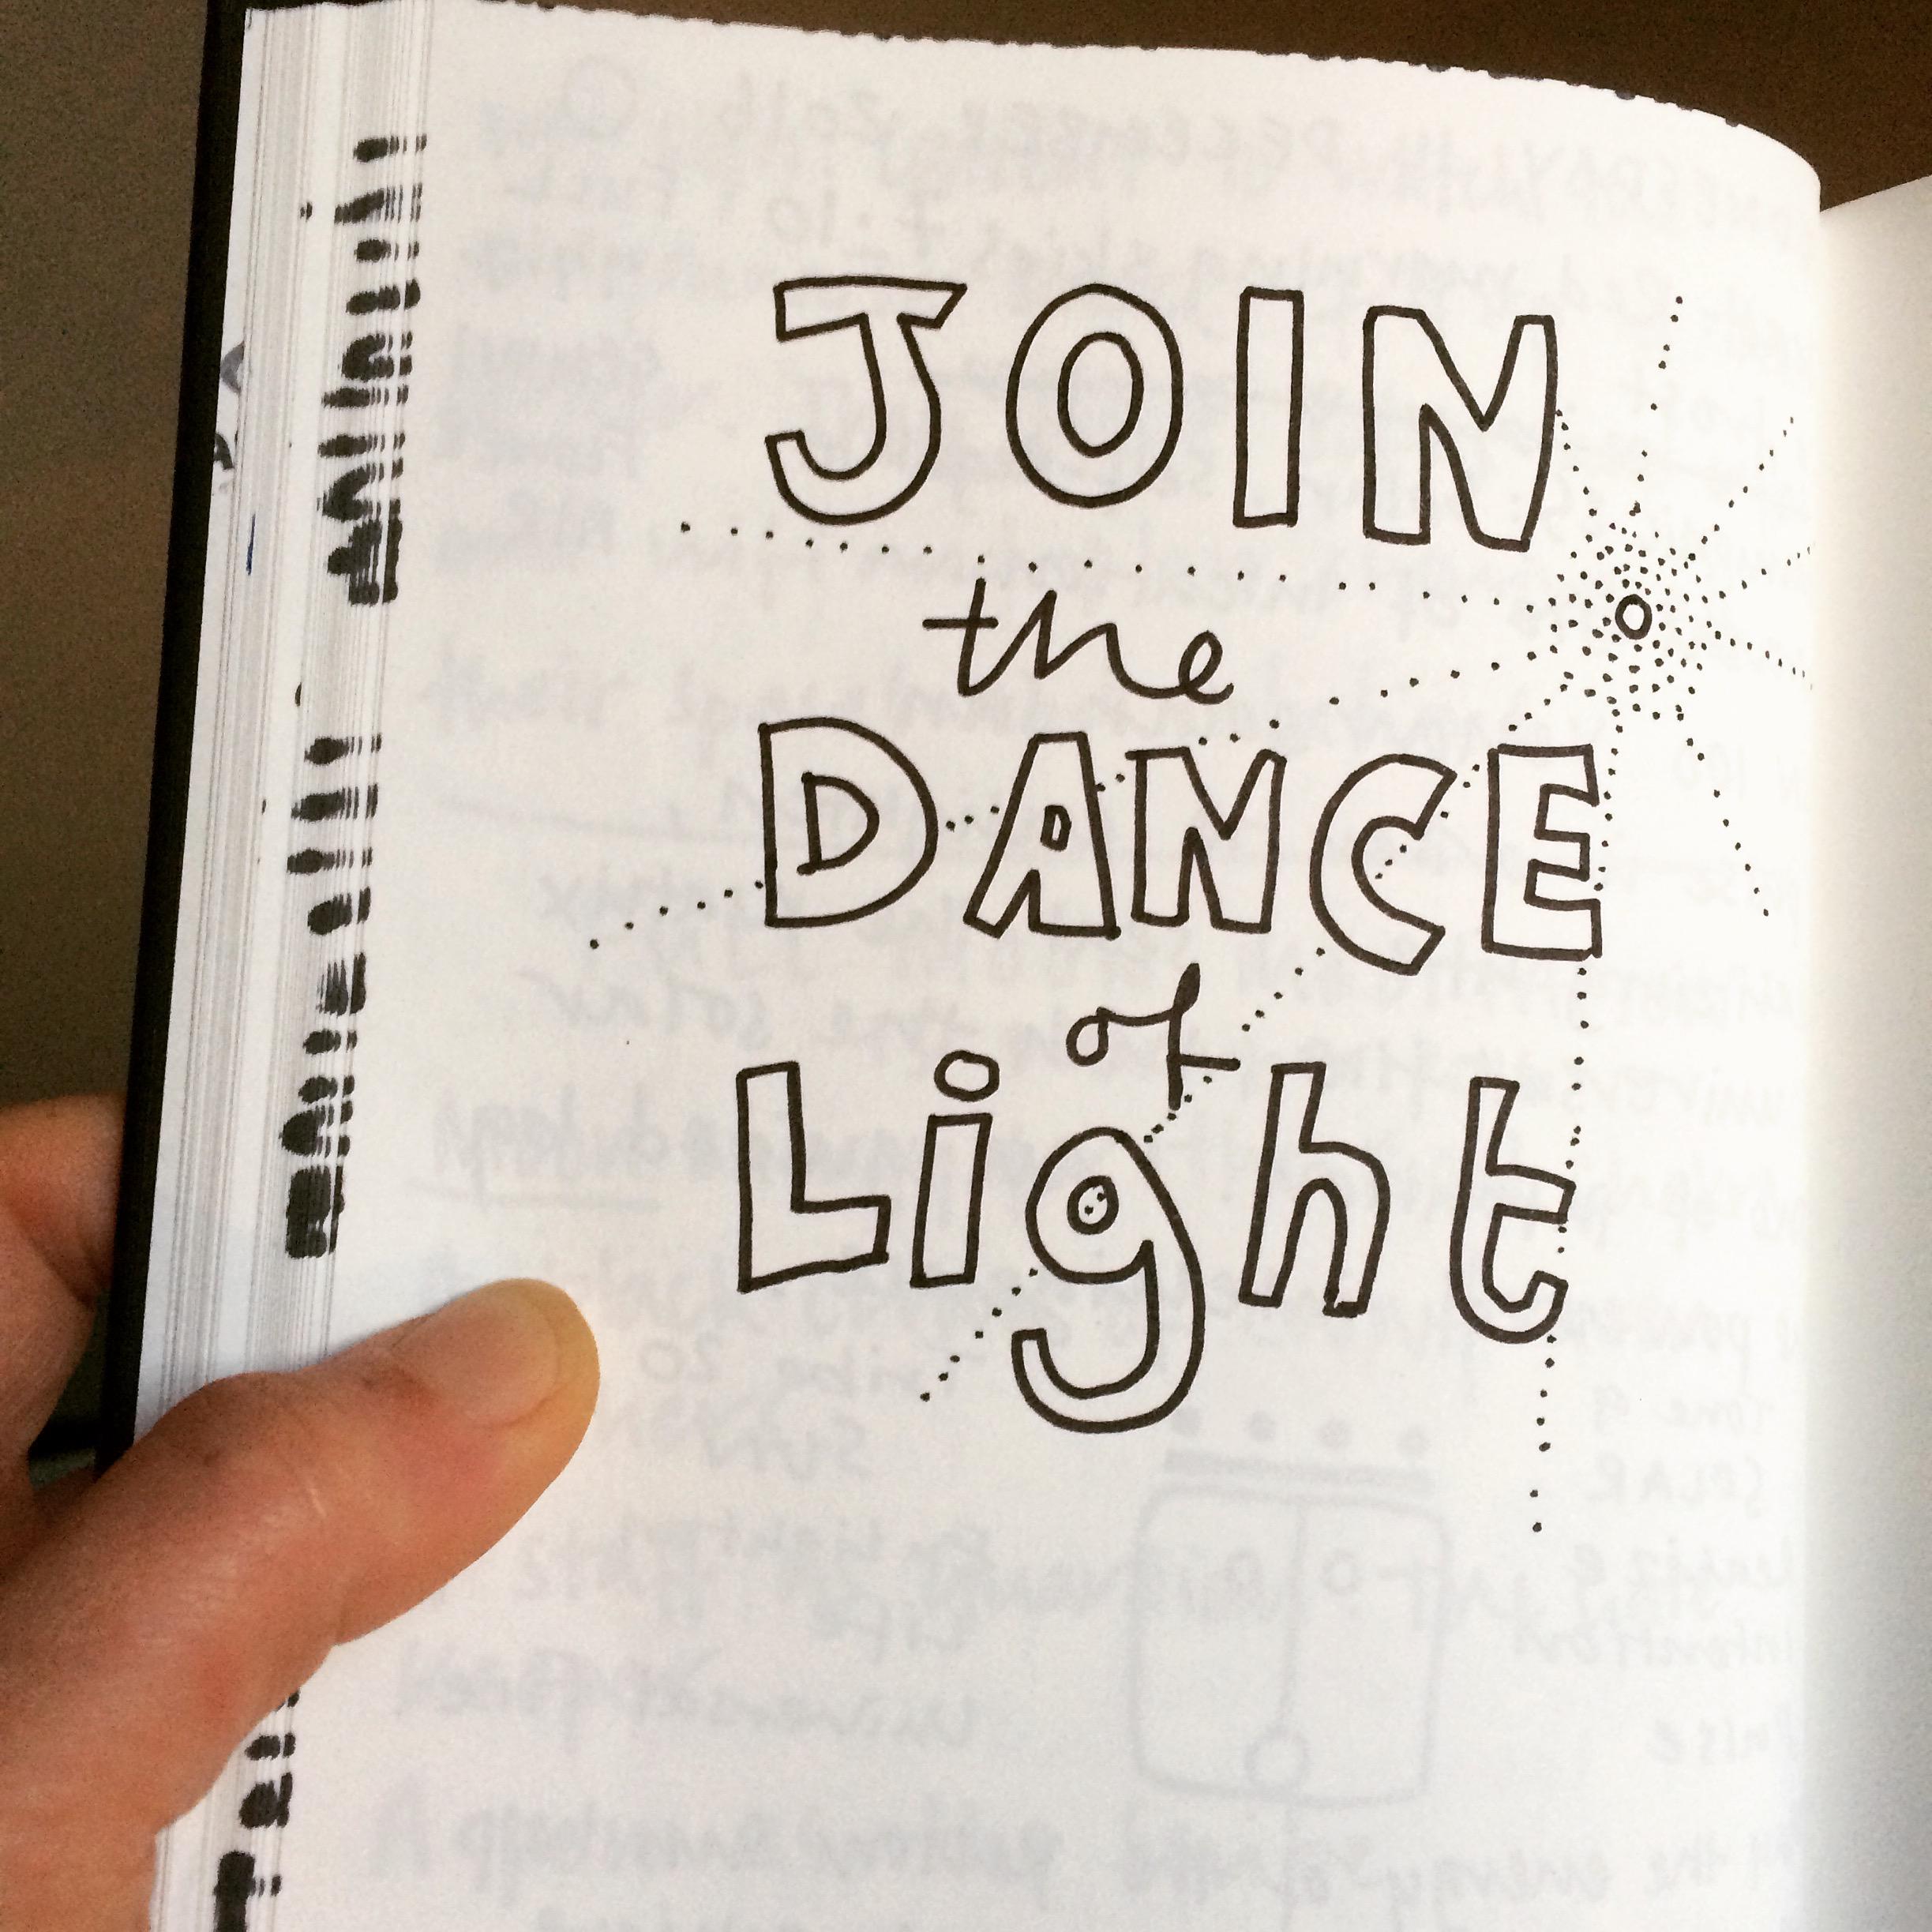 Join the dance of light.jpg